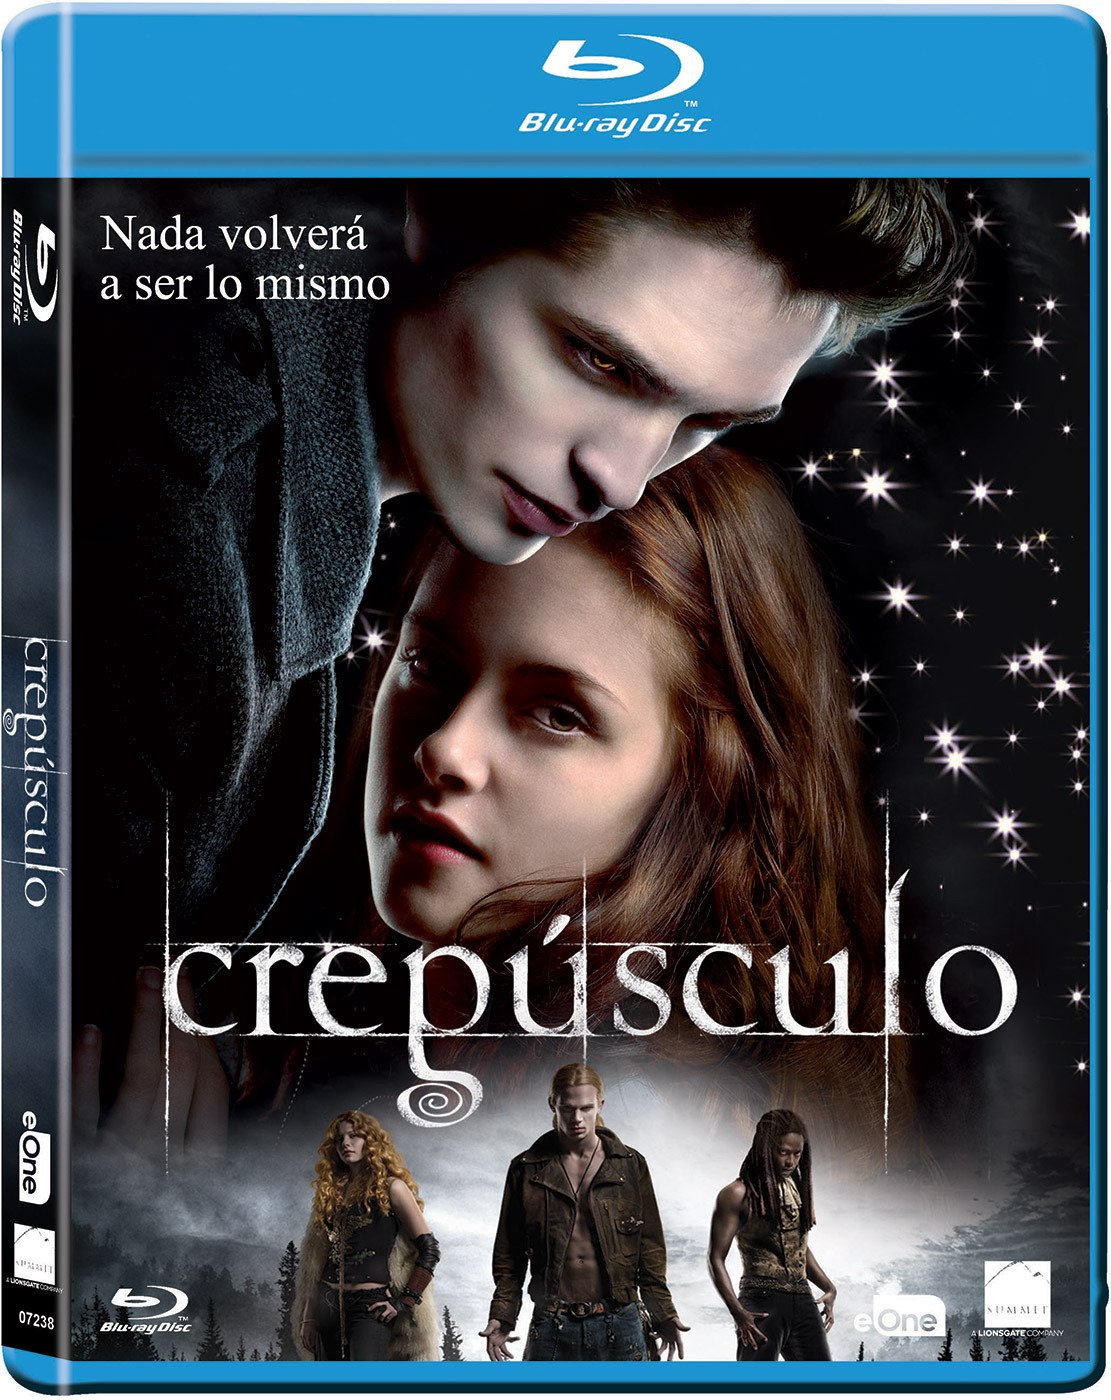 Crepusculo Blu-Ray [Blu-ray]: Amazon.es: Kristen Stewart, Robert ...